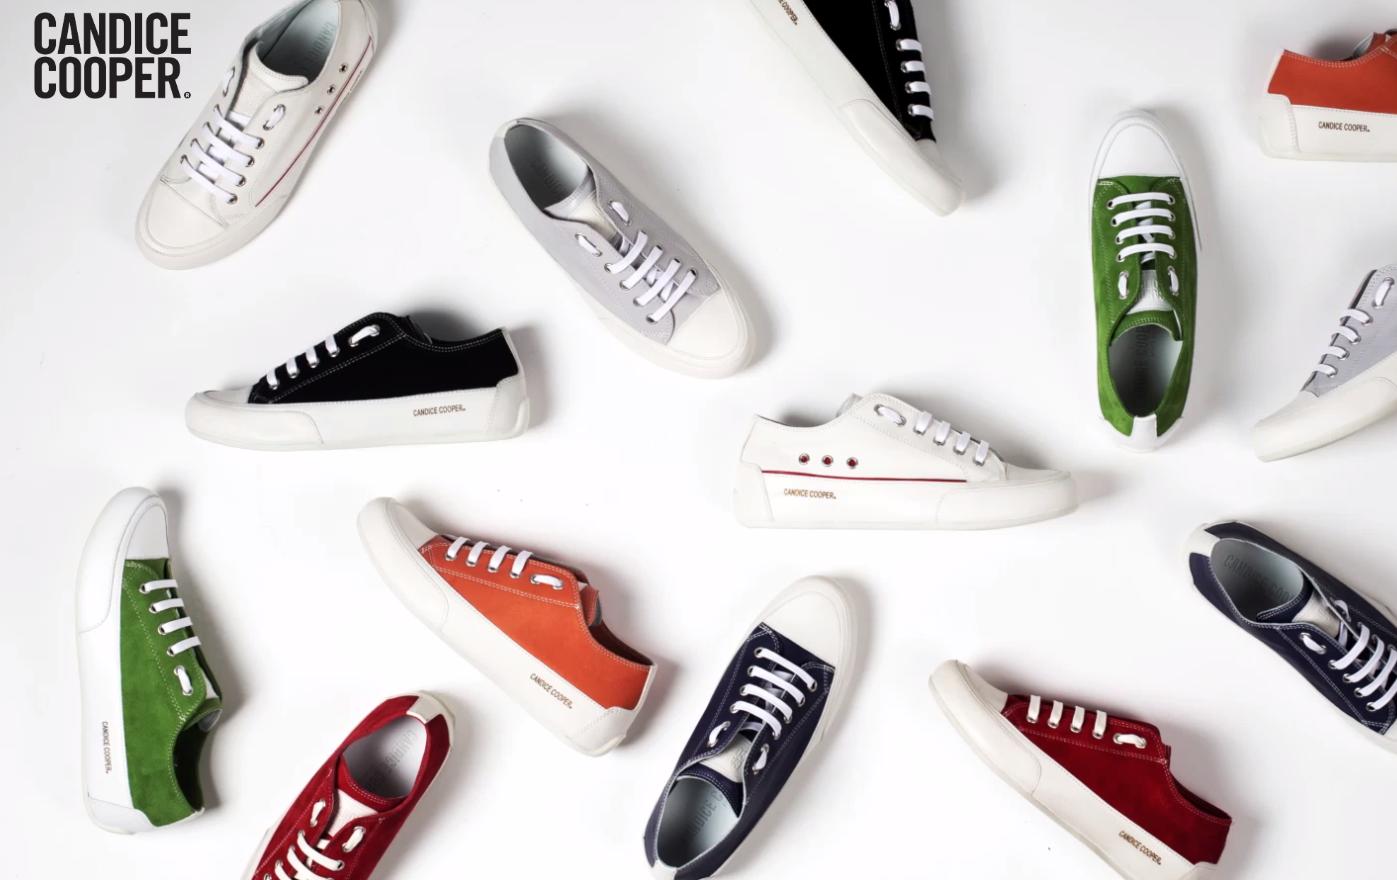 意大利鞋履生产商 Falc收购德国运动鞋品牌 Candice Cooper